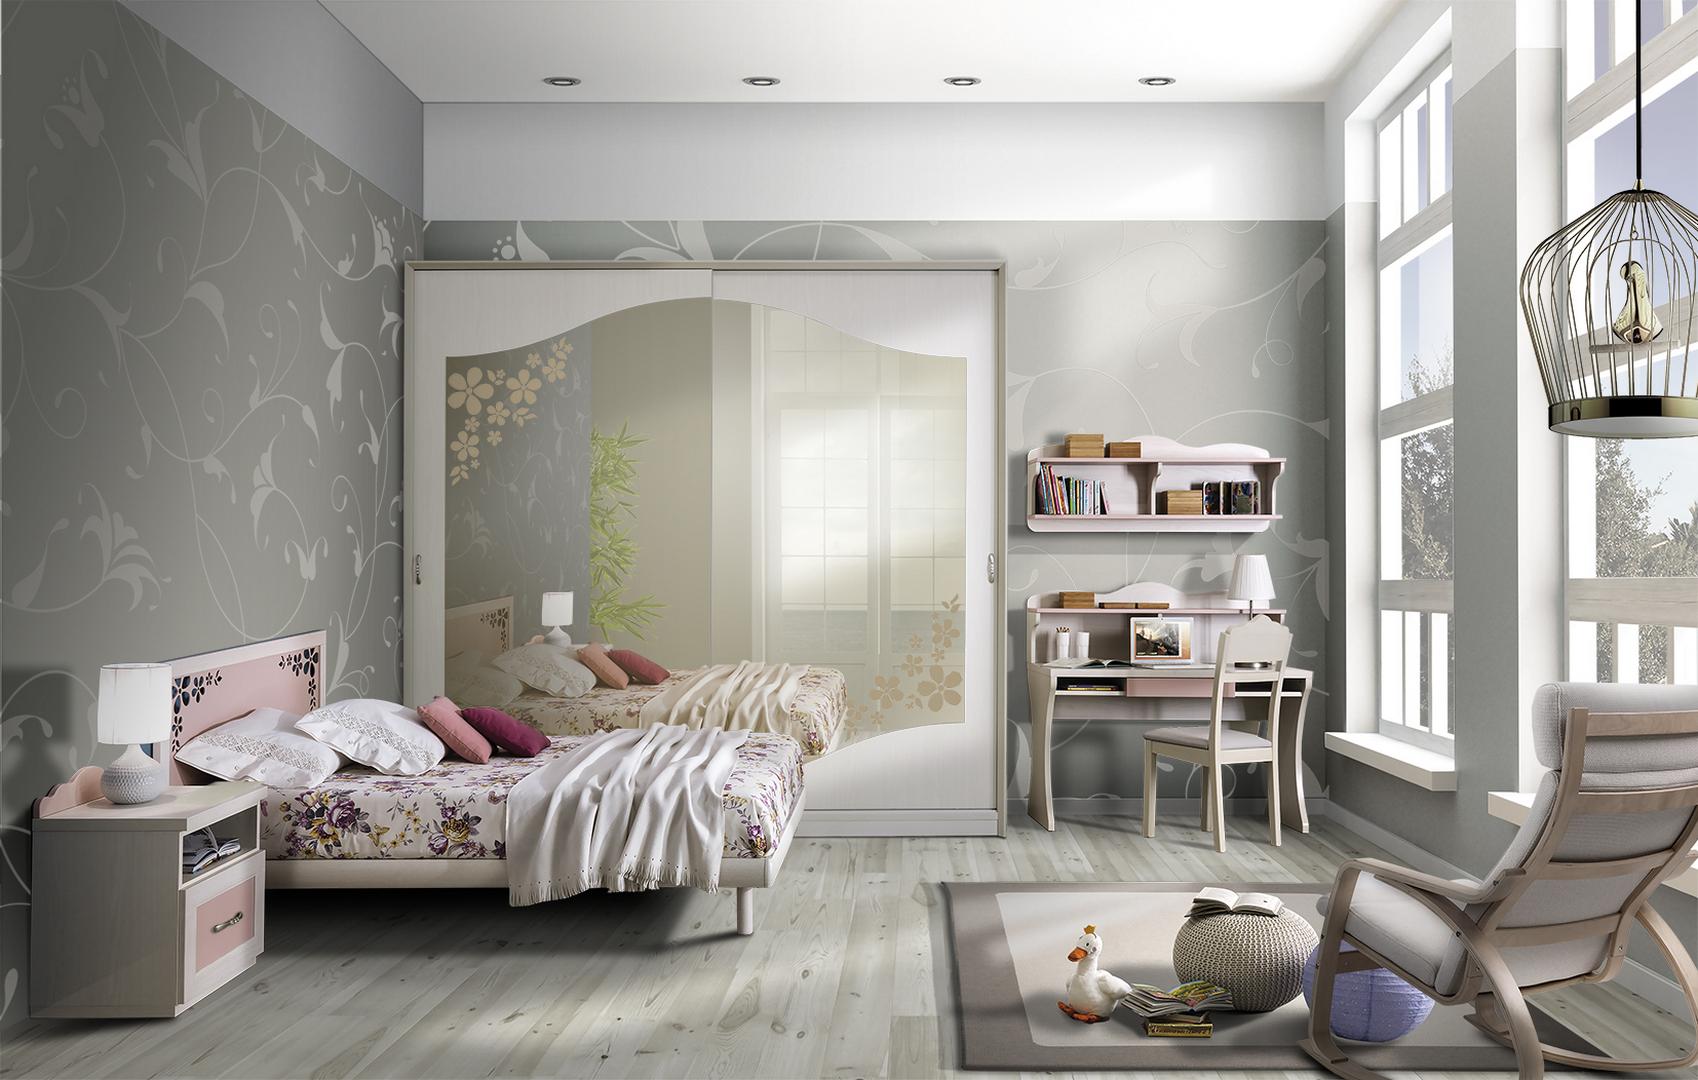 Giessegi mondo convenienza best camera da letto con cabina armadio mondo convenienza bambini - Mobili giessegi opinioni ...